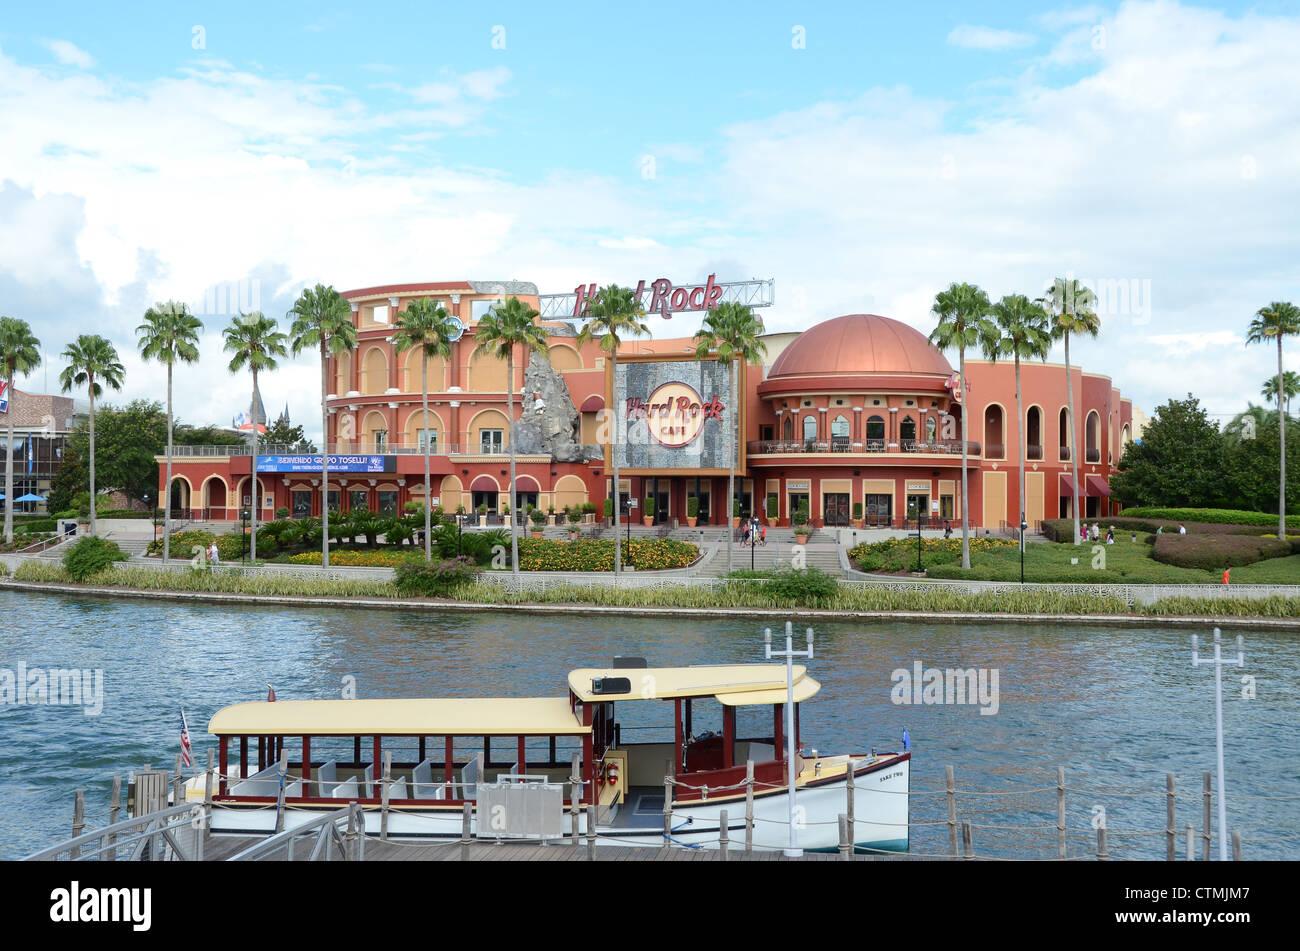 Hard Rock Cafe Florida Universal Studios